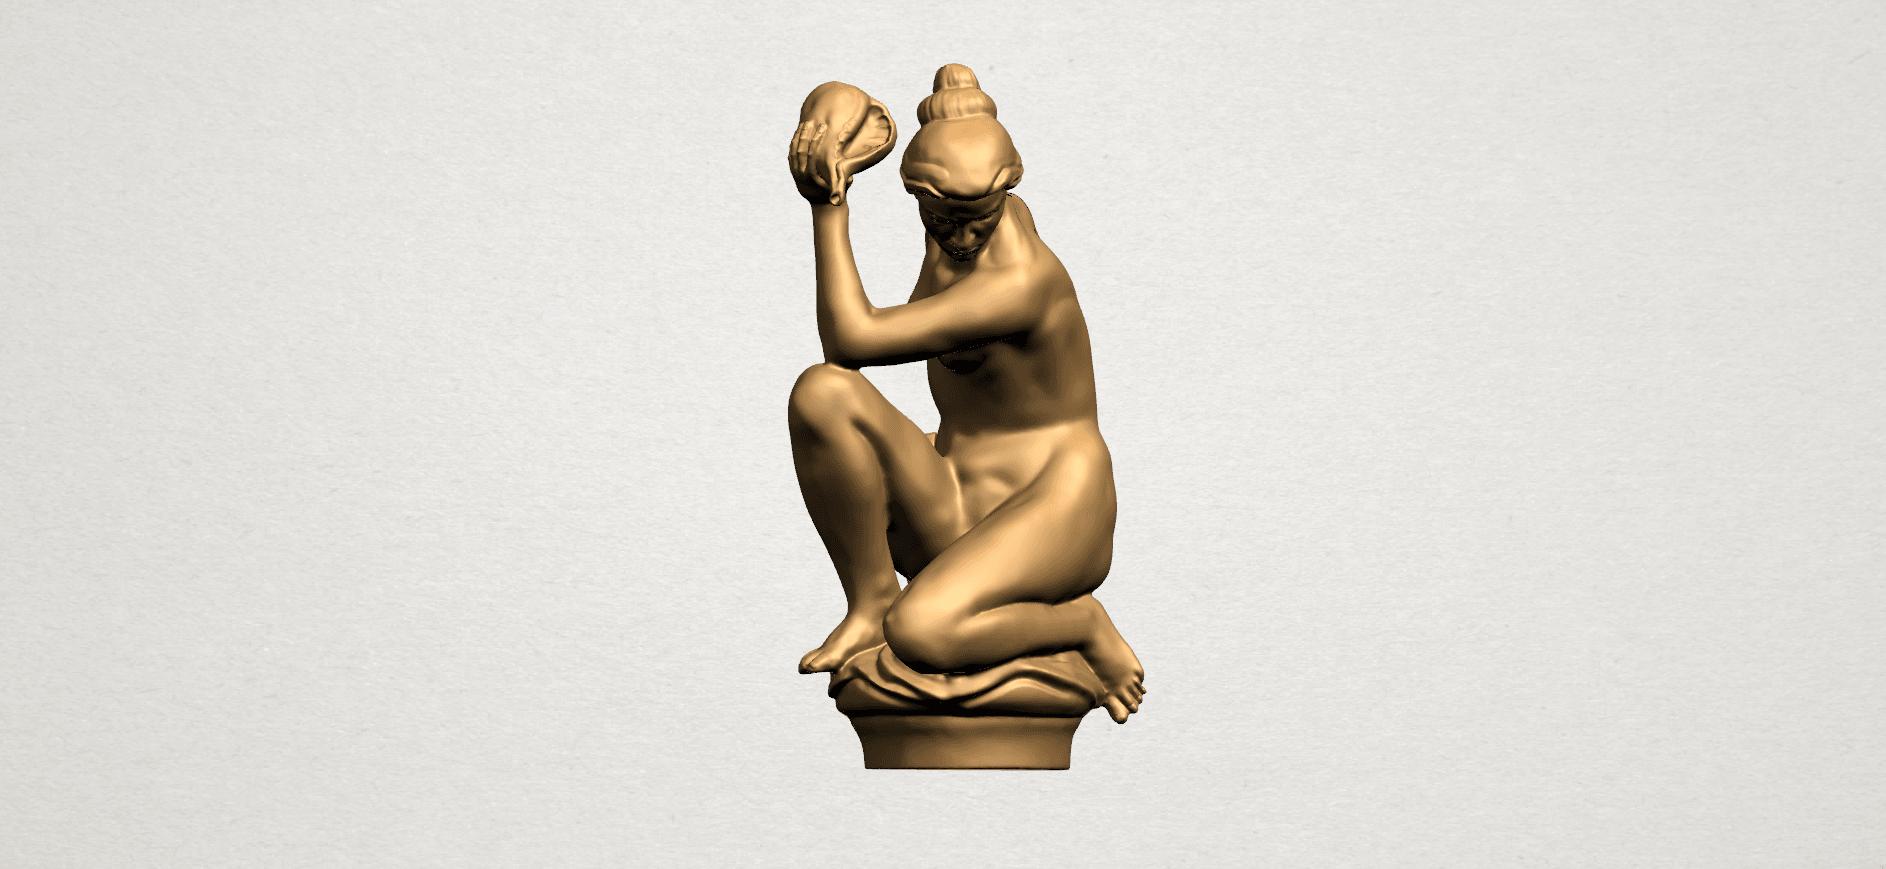 Naked Girl - With Pot - A03.png Télécharger fichier STL gratuit Fille Nue - Avec Pot • Modèle à imprimer en 3D, GeorgesNikkei